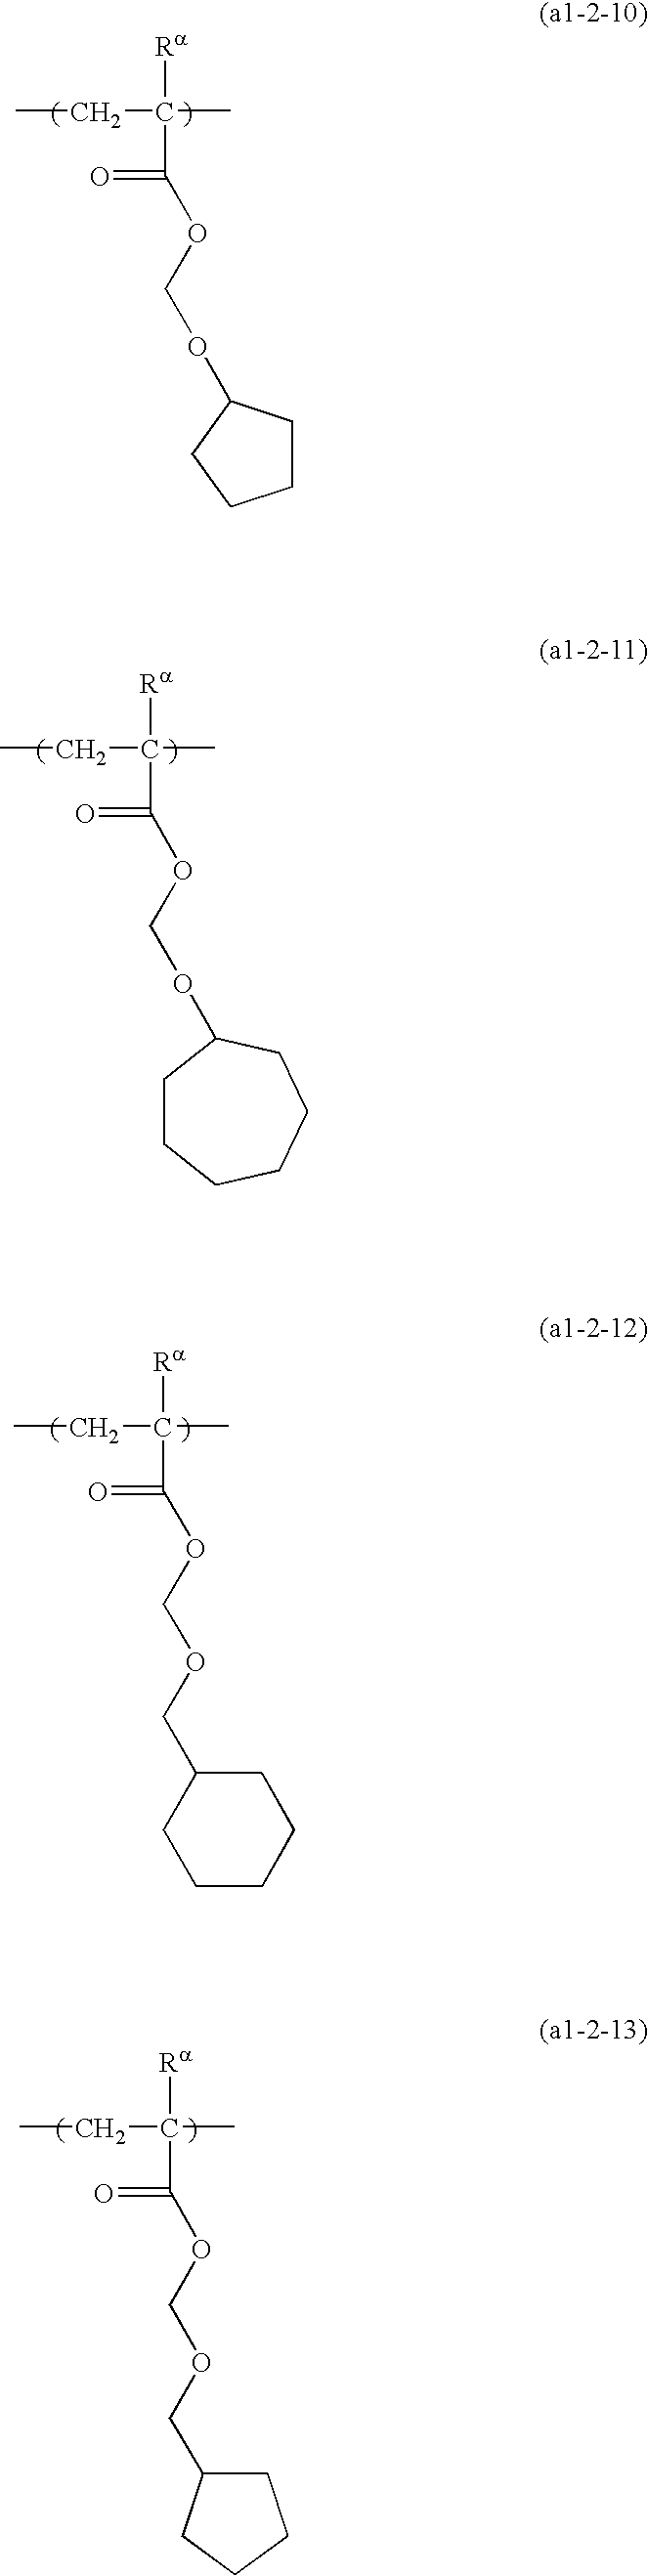 Figure US20100136480A1-20100603-C00029